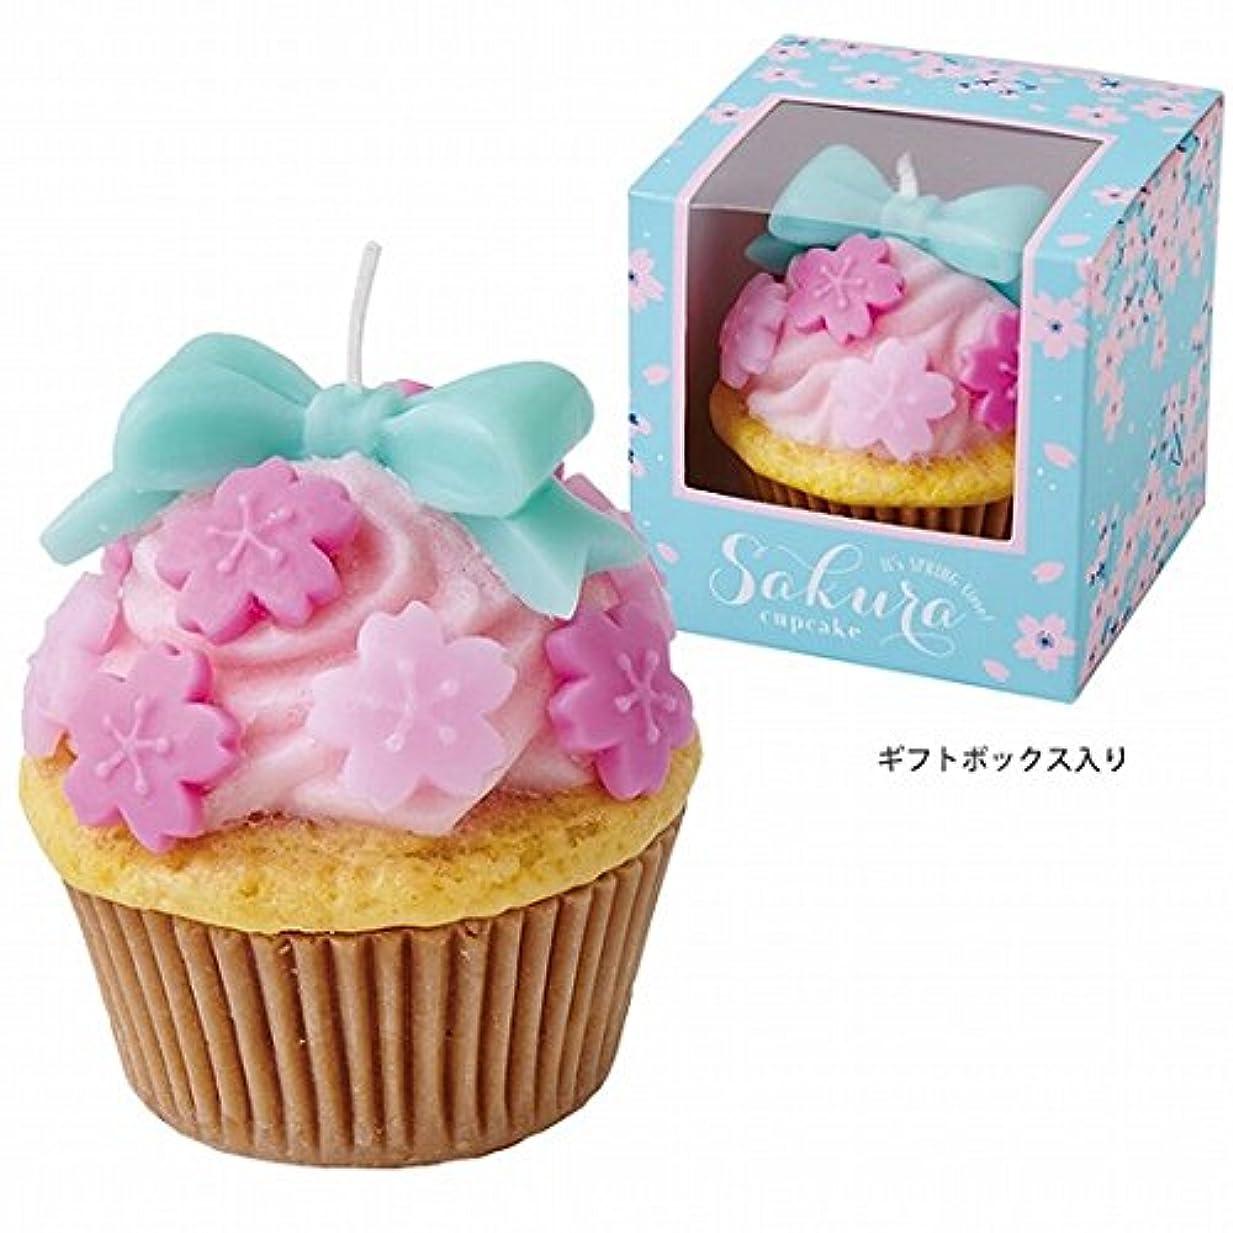 見つけた彼の勝利カメヤマキャンドル( kameyama candle ) SAKURAカップケーキ キャンドル